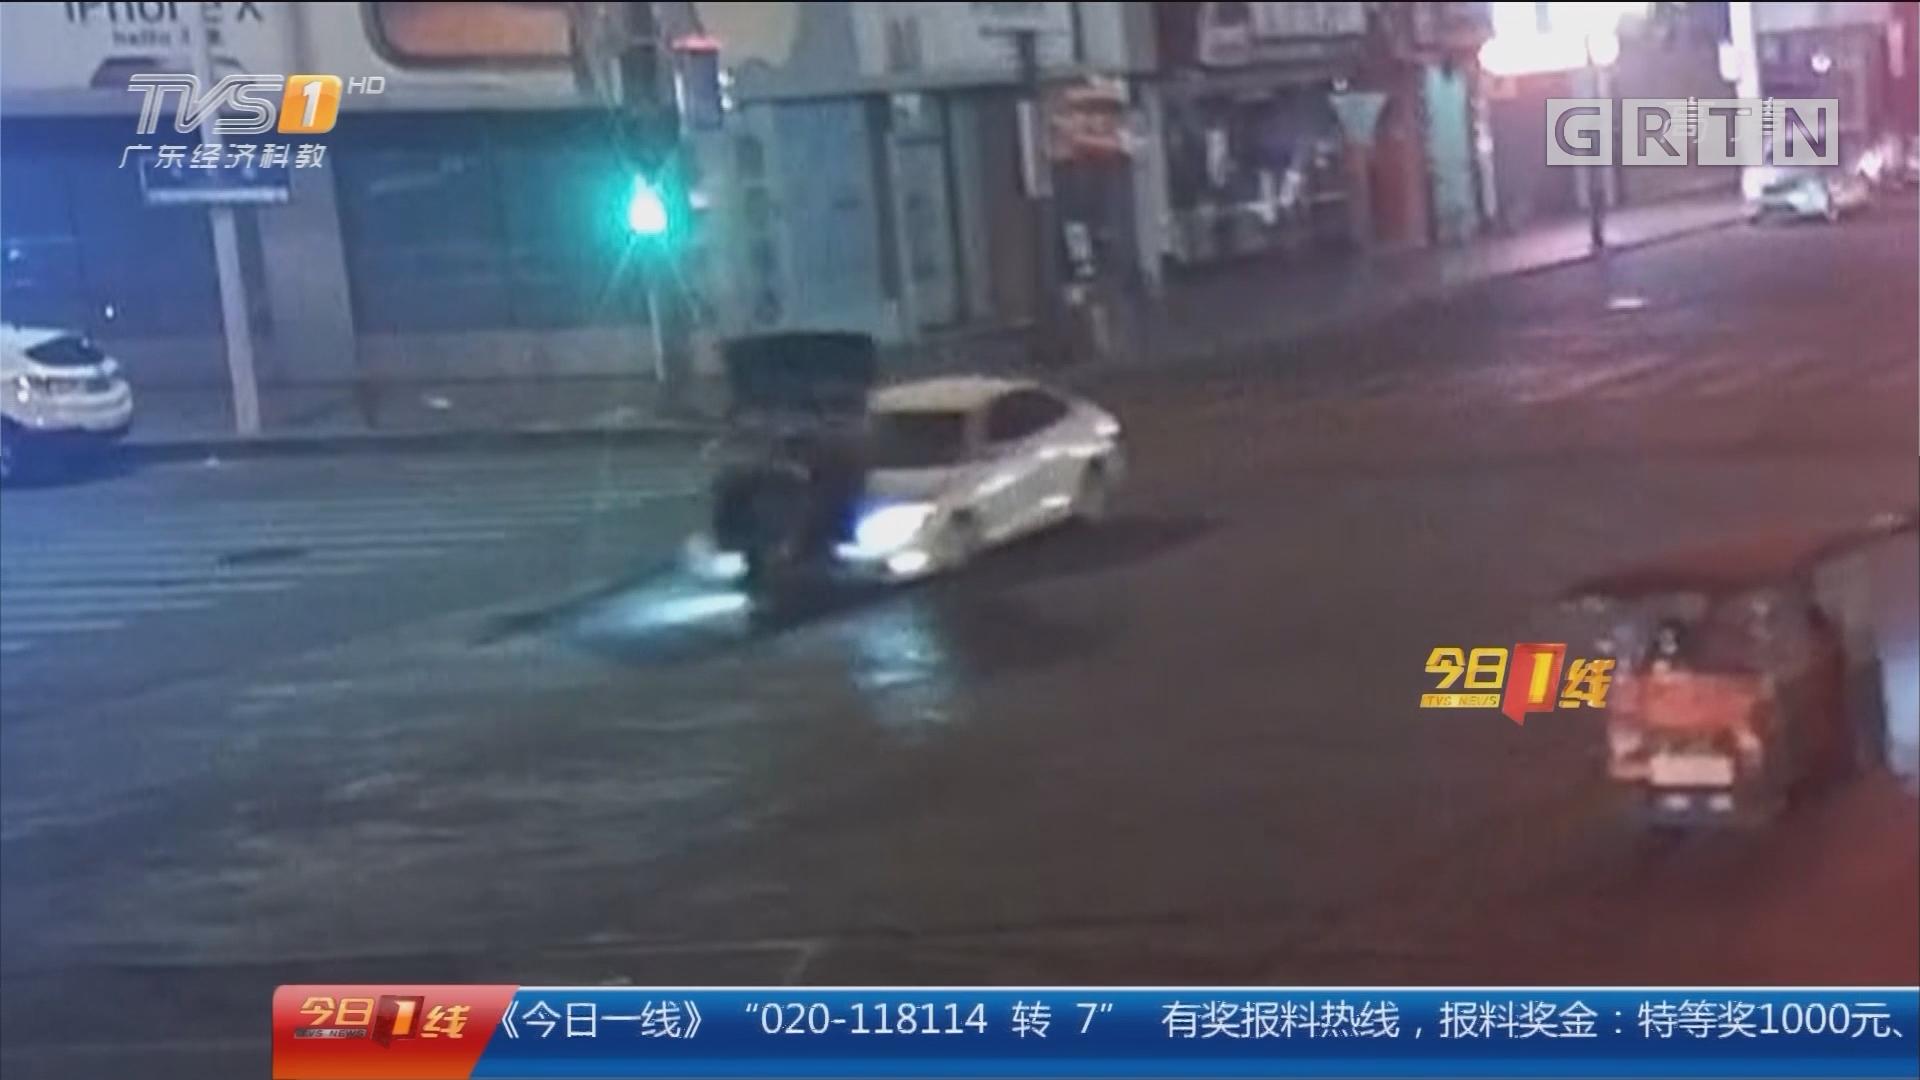 东莞厚街:追尾后逃逸 警方翻监控追肇事者